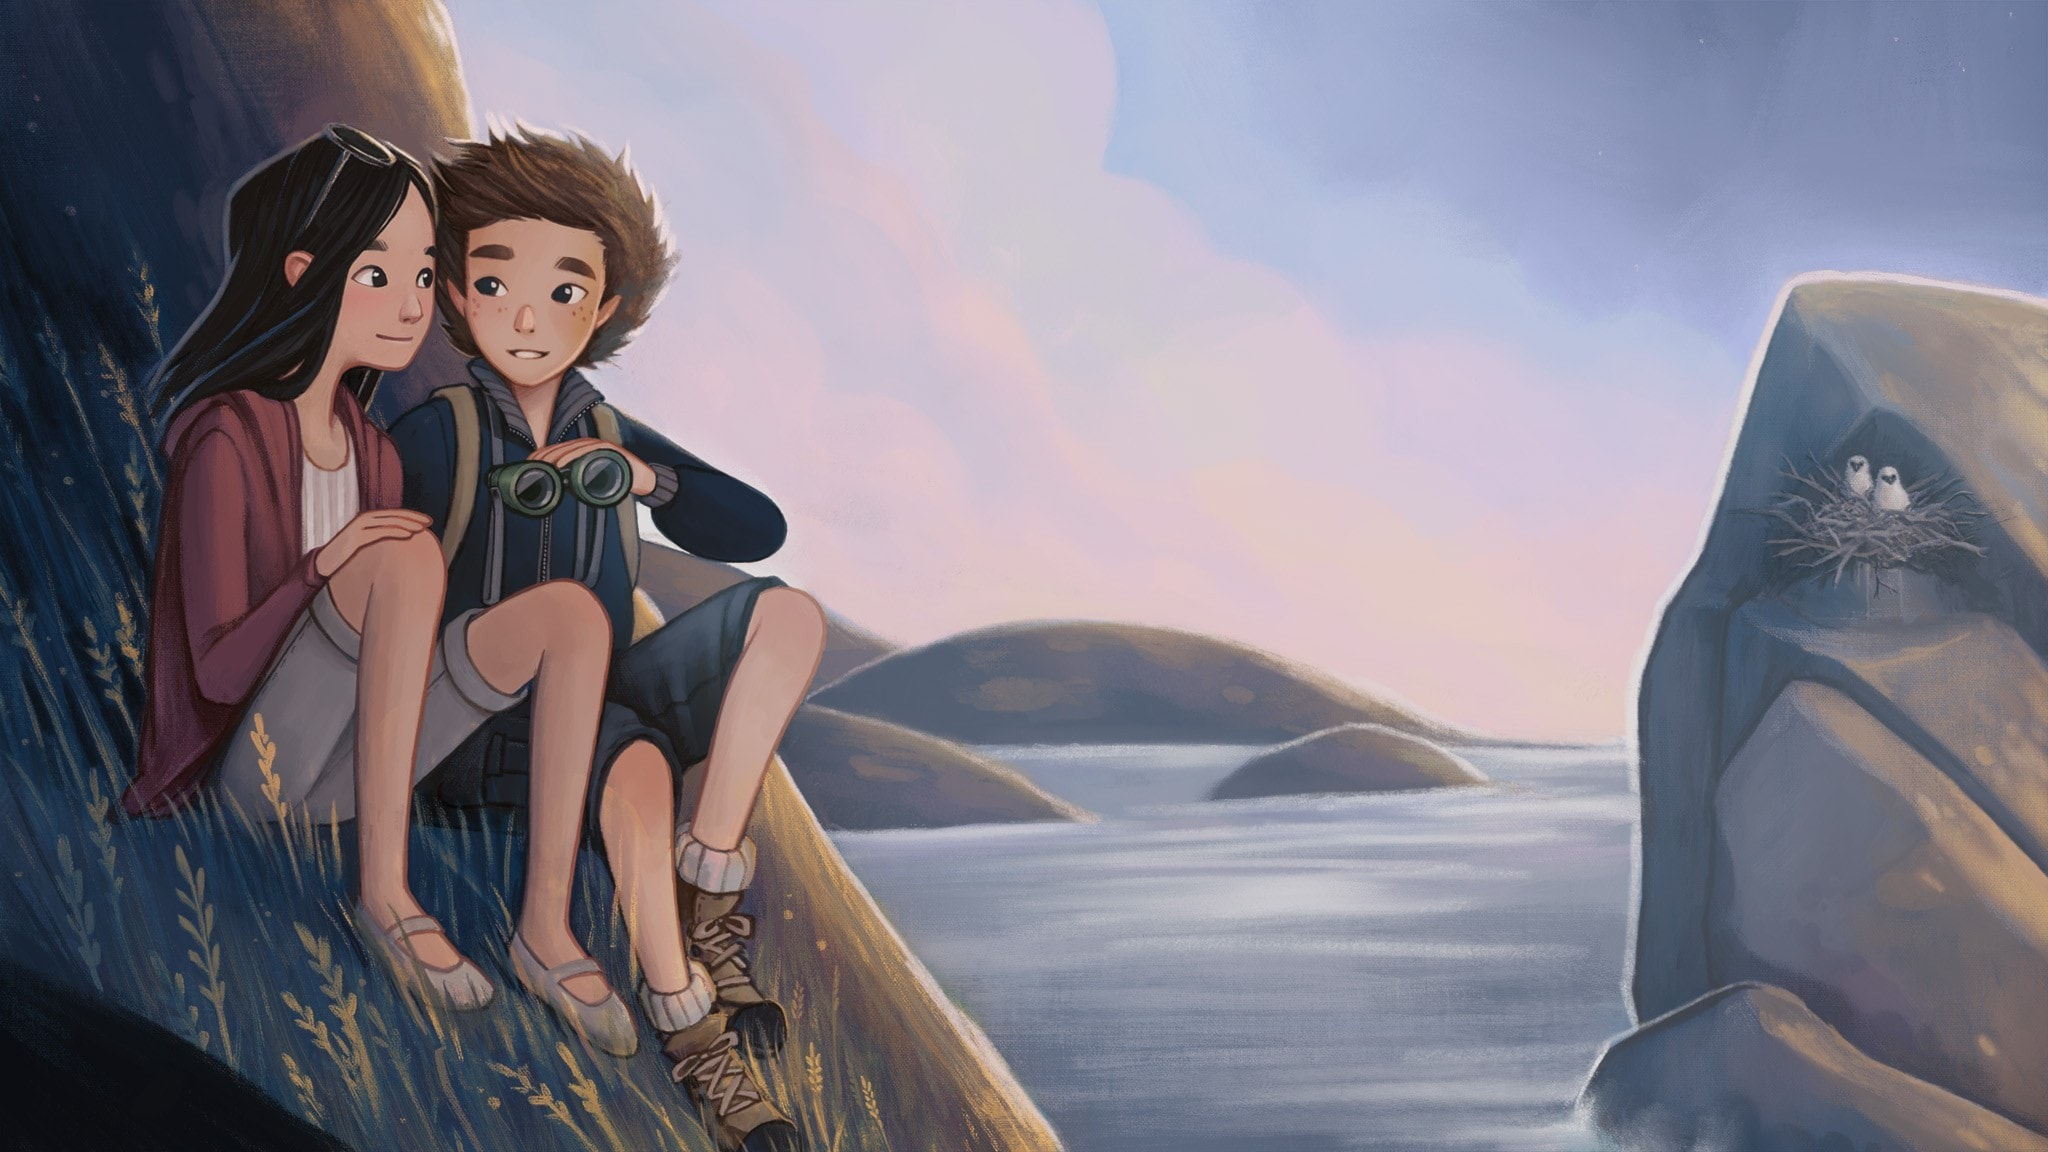 Mira och Adrian sitter nära varandra på en klippa. På klippan mittemot är en annan klippa med ett fågelbo i, som det är två fågelungar i.